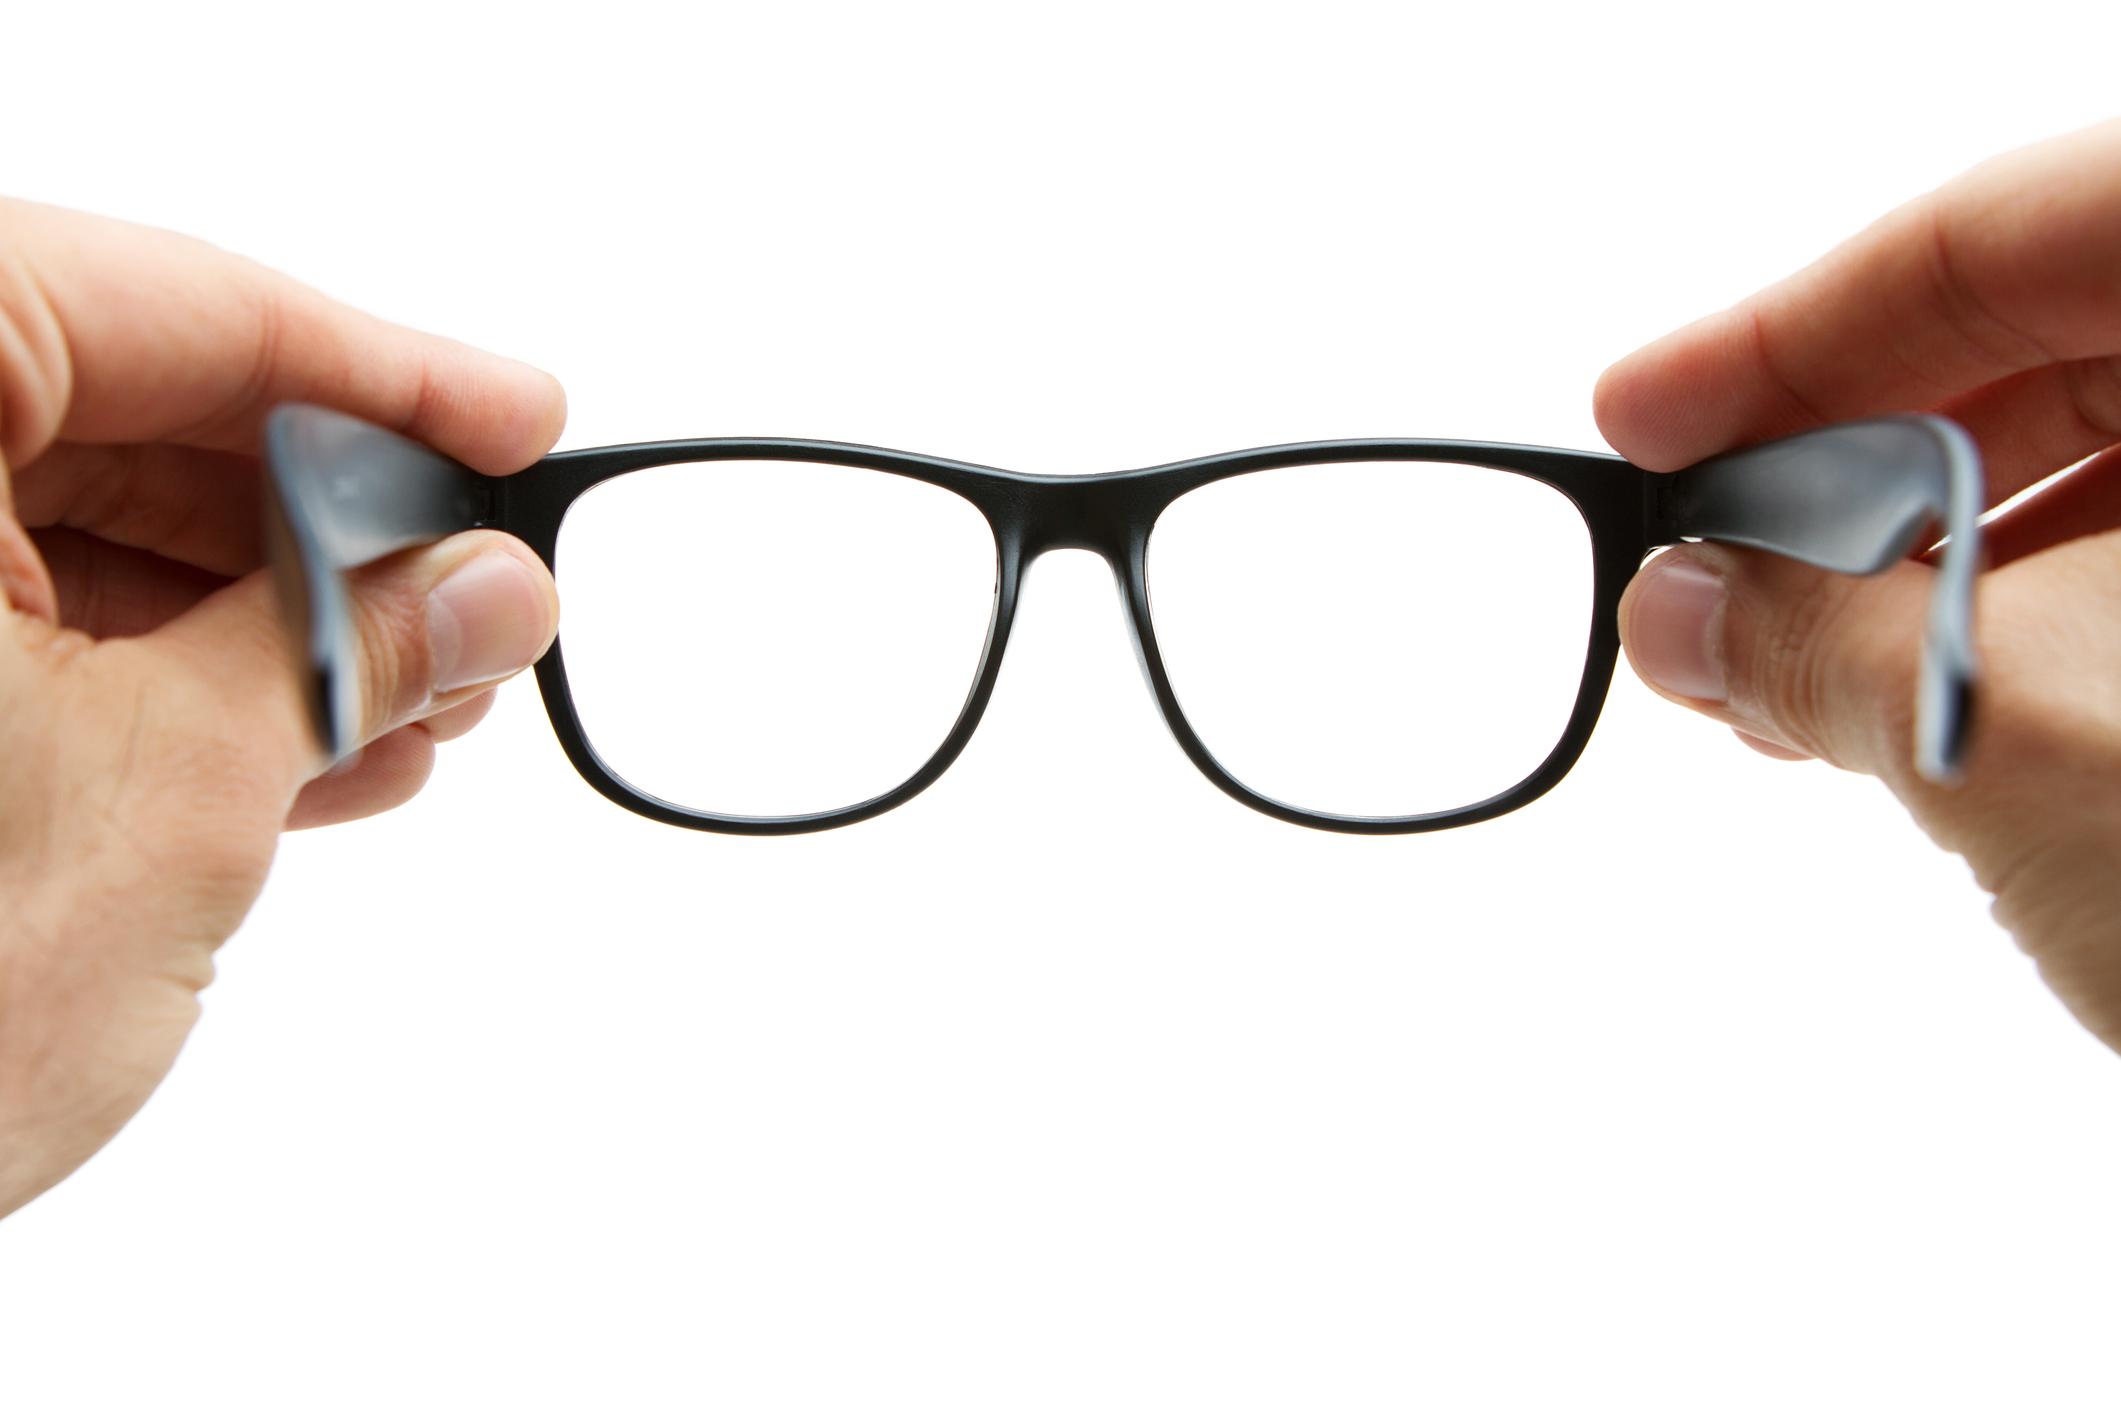 Hands holding up eyeglasses.